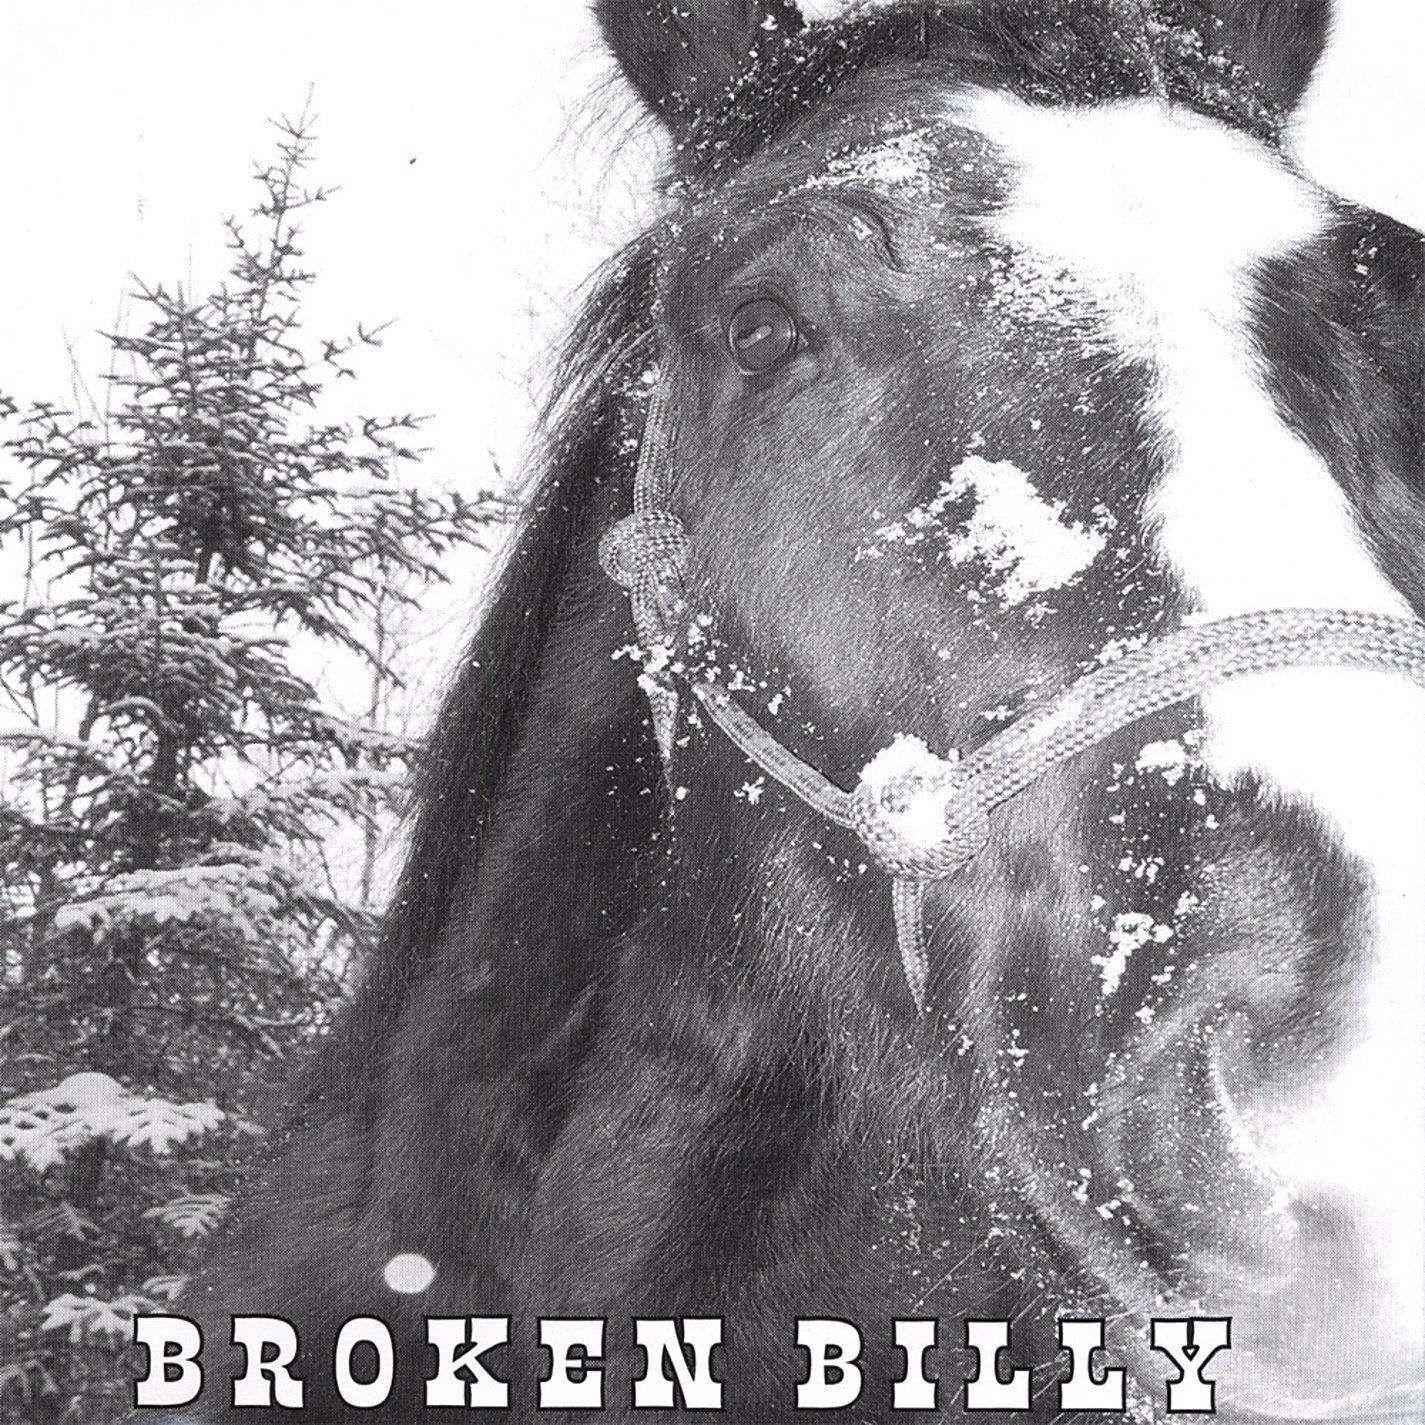 BROKEN BILLY  Digital